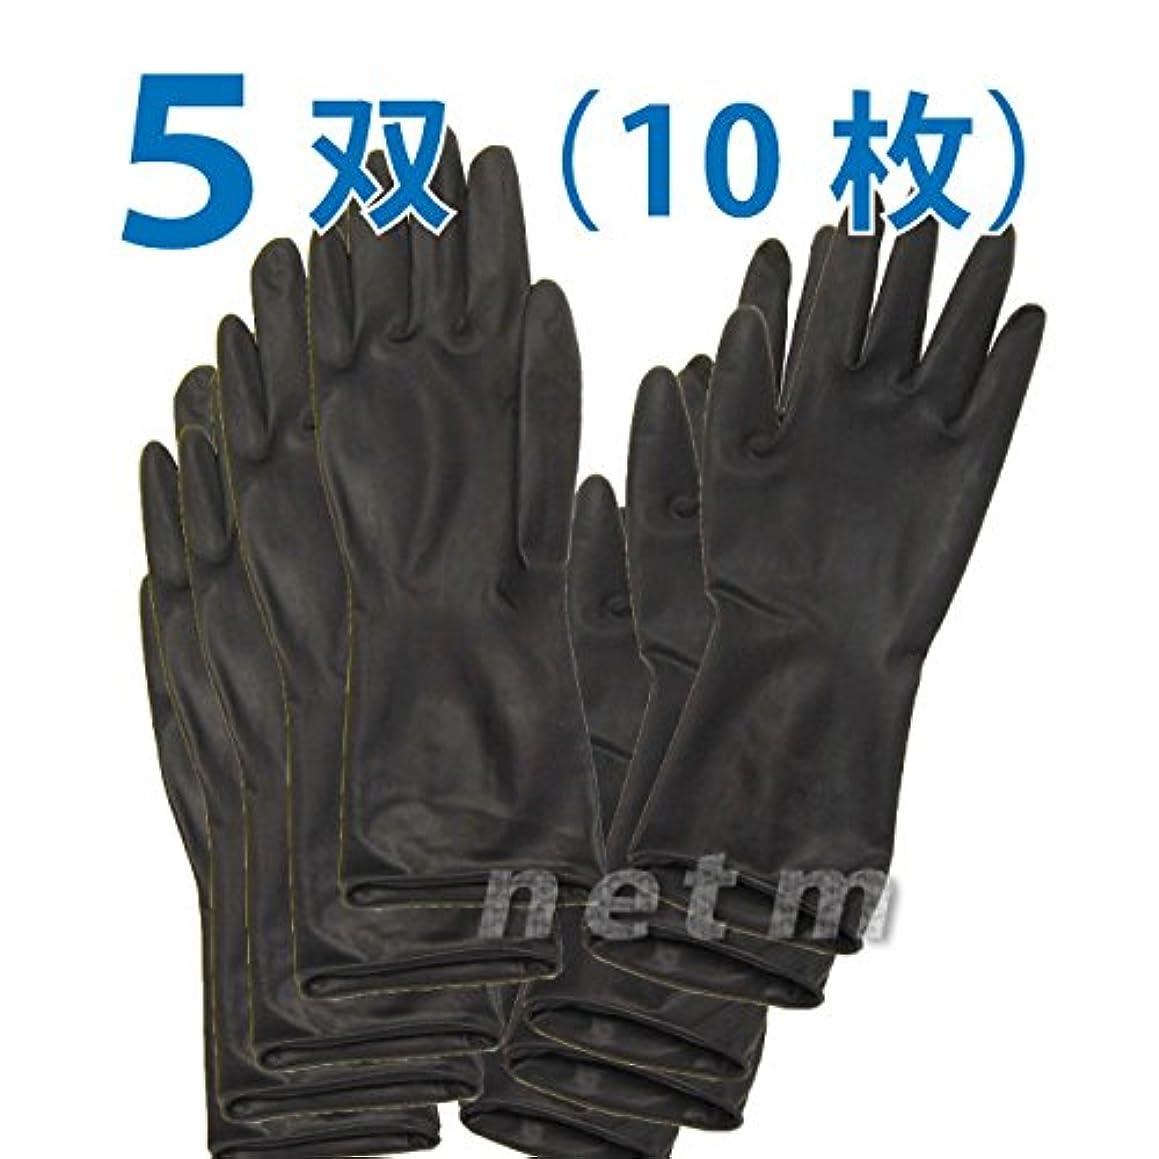 胴体奨学金バラバラにするオカモト ブラックグローブ ロングタイプ Sサイズ  5双(10枚)